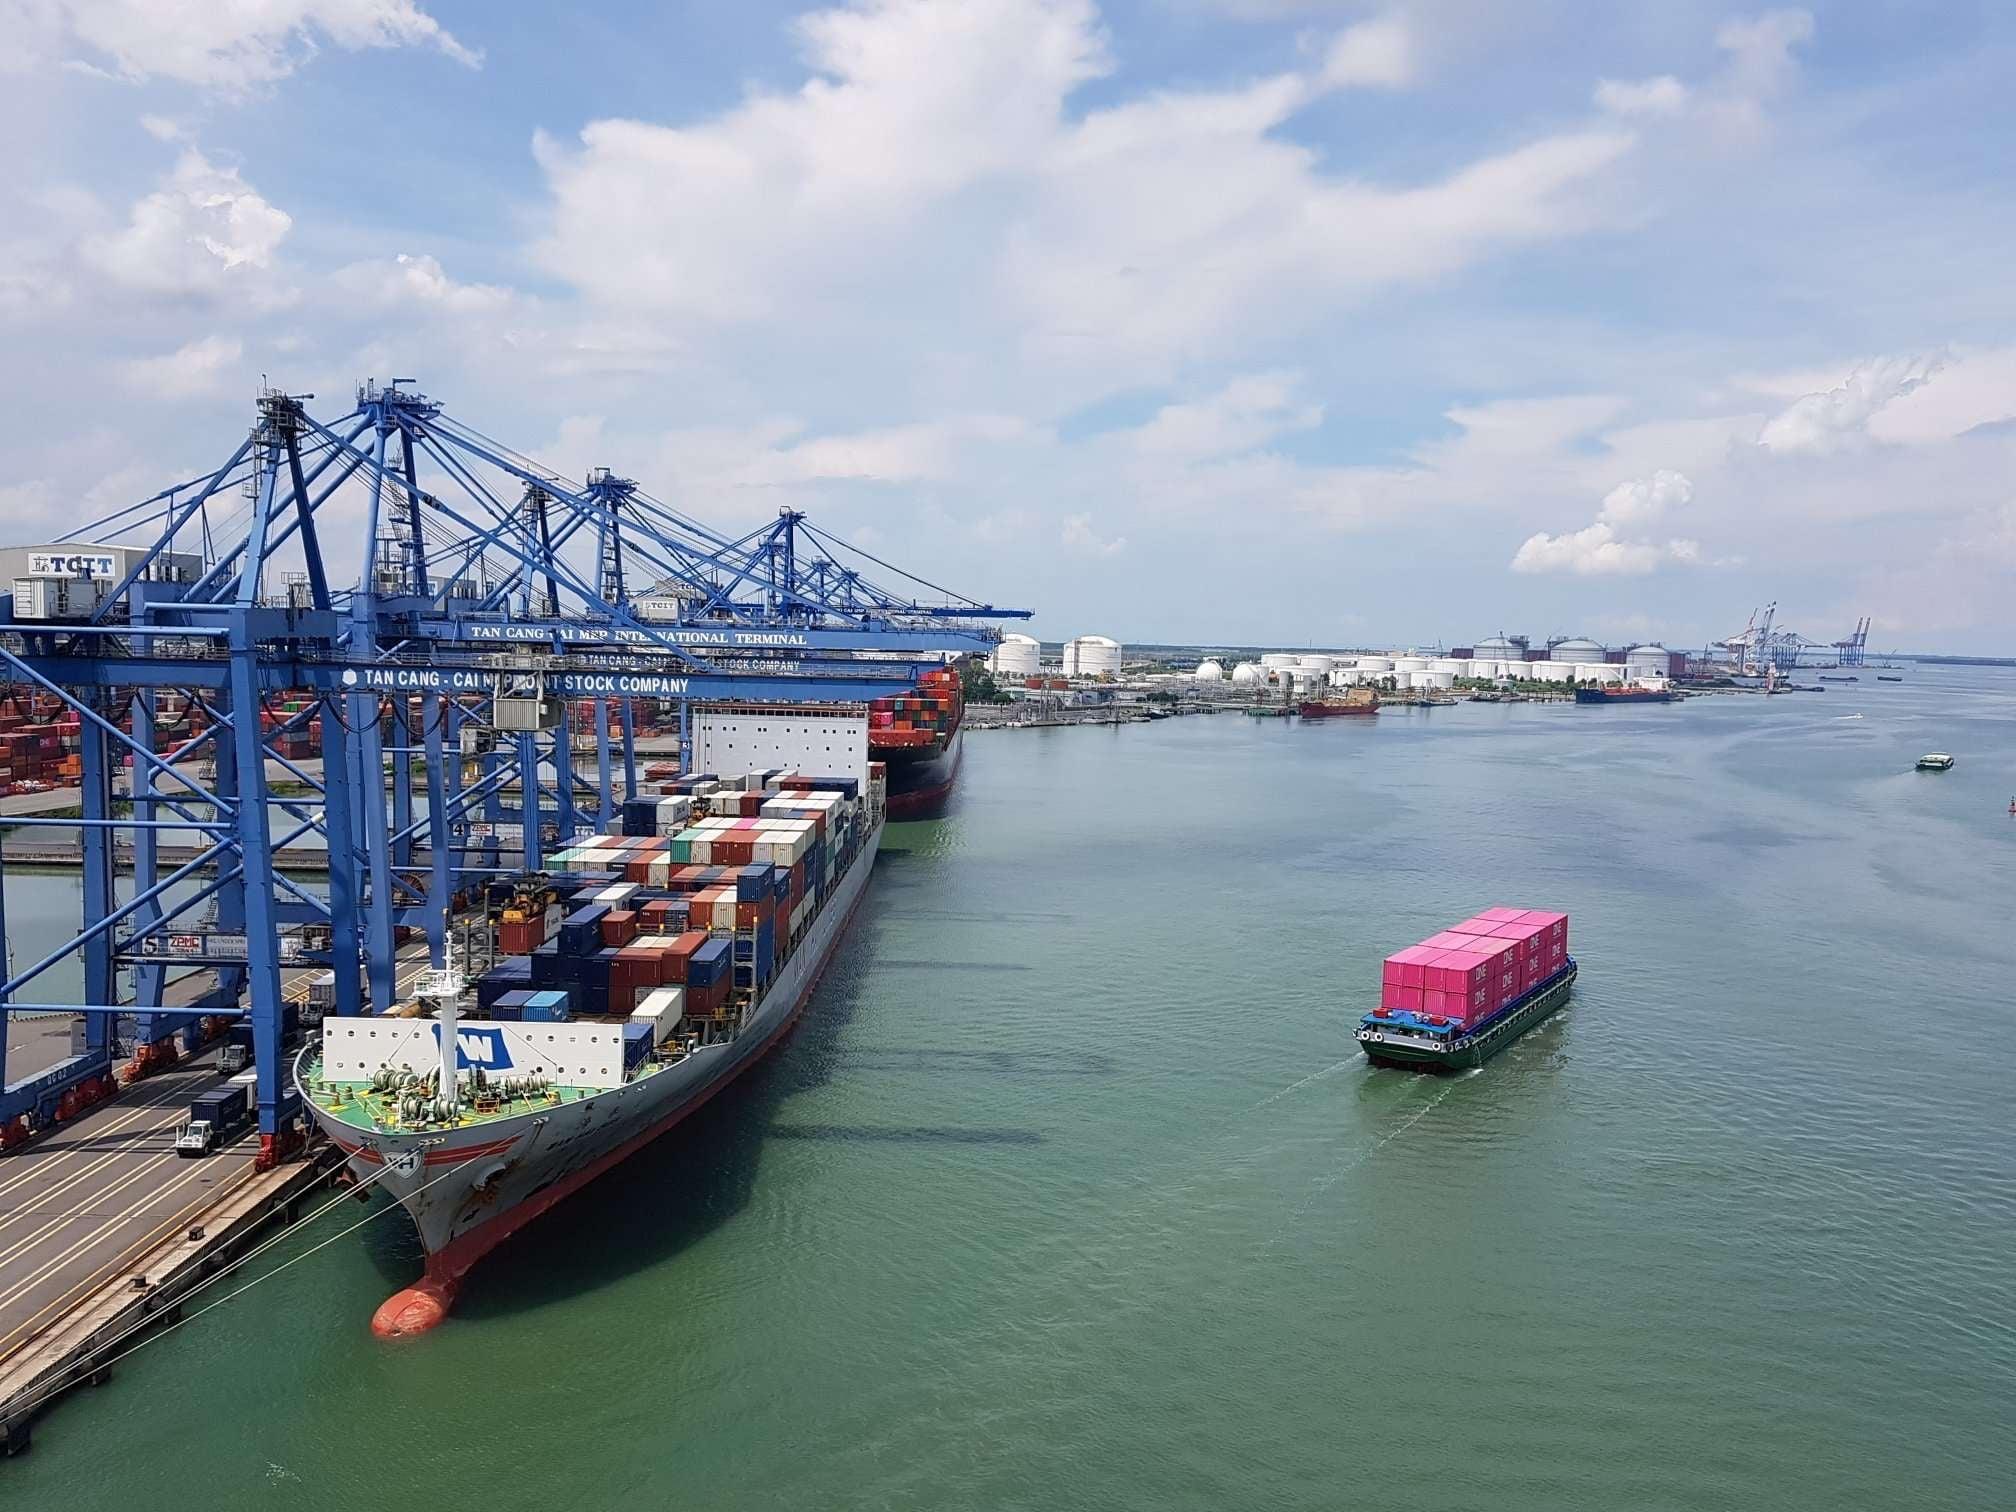 VinaCapital muốn hỗ trợ Bà Rịa - Vũng Tàu lập đề án quy hoạch logistics và du lịch - Ảnh 1.